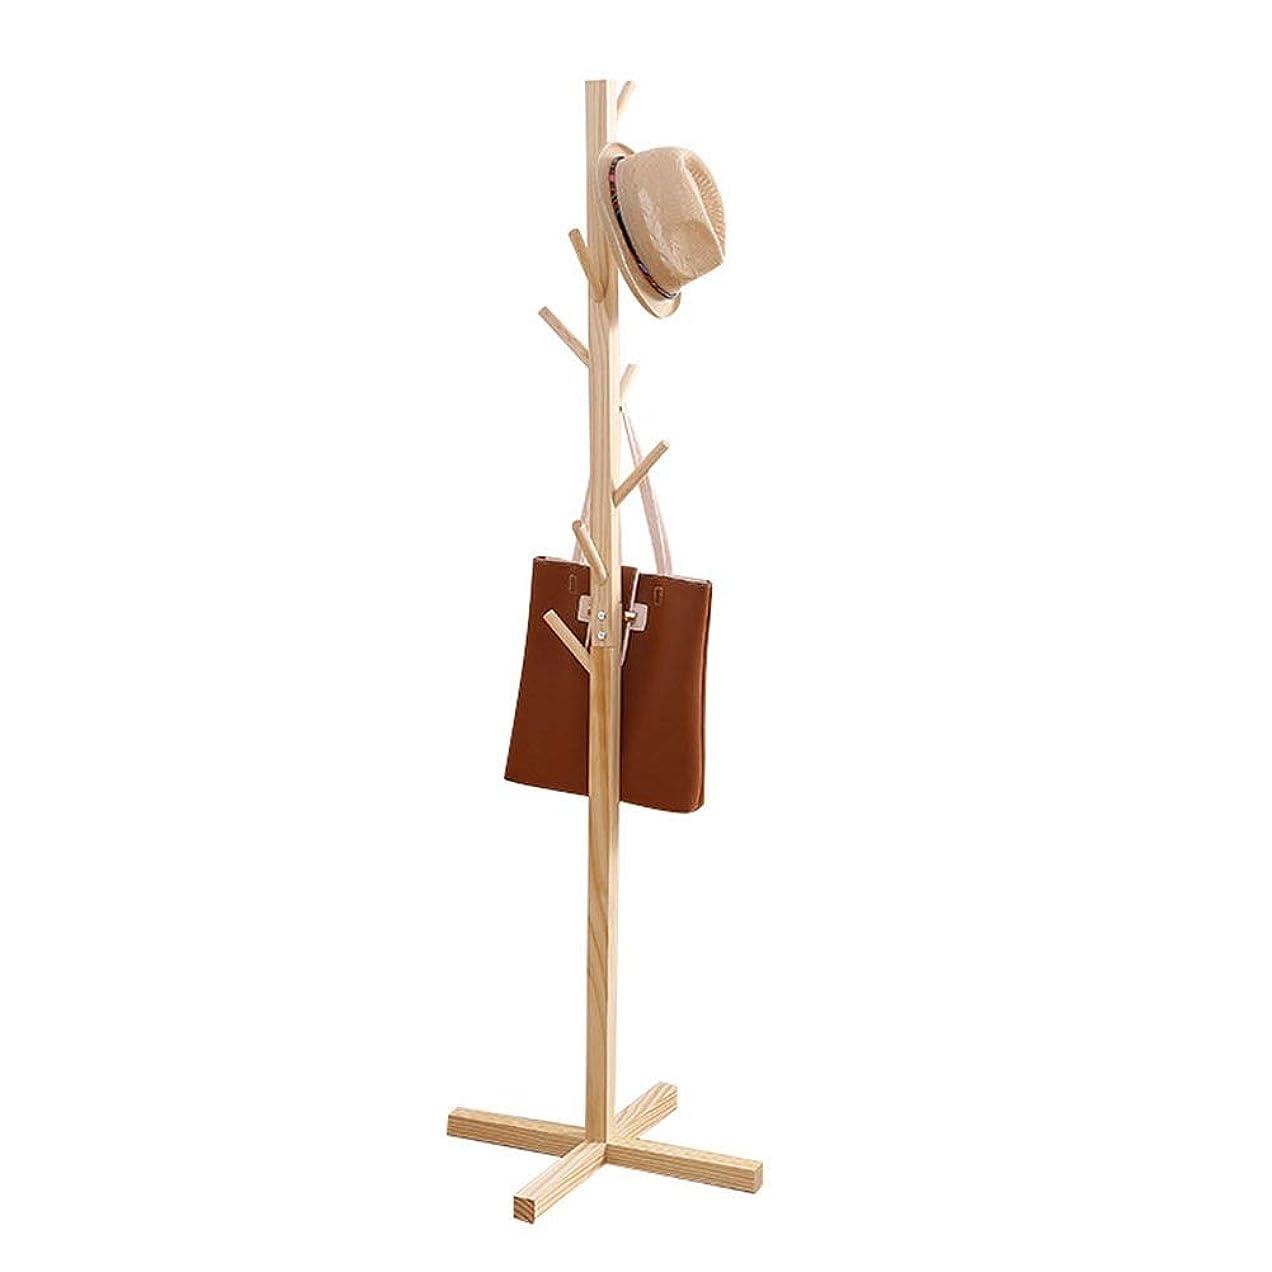 試みポーチ一握りコートハンガー ガーデンコートラック、純木の床シンプルな帽子服スタンド寝室リビングルームコートラックスタンド (Color : Wood color)